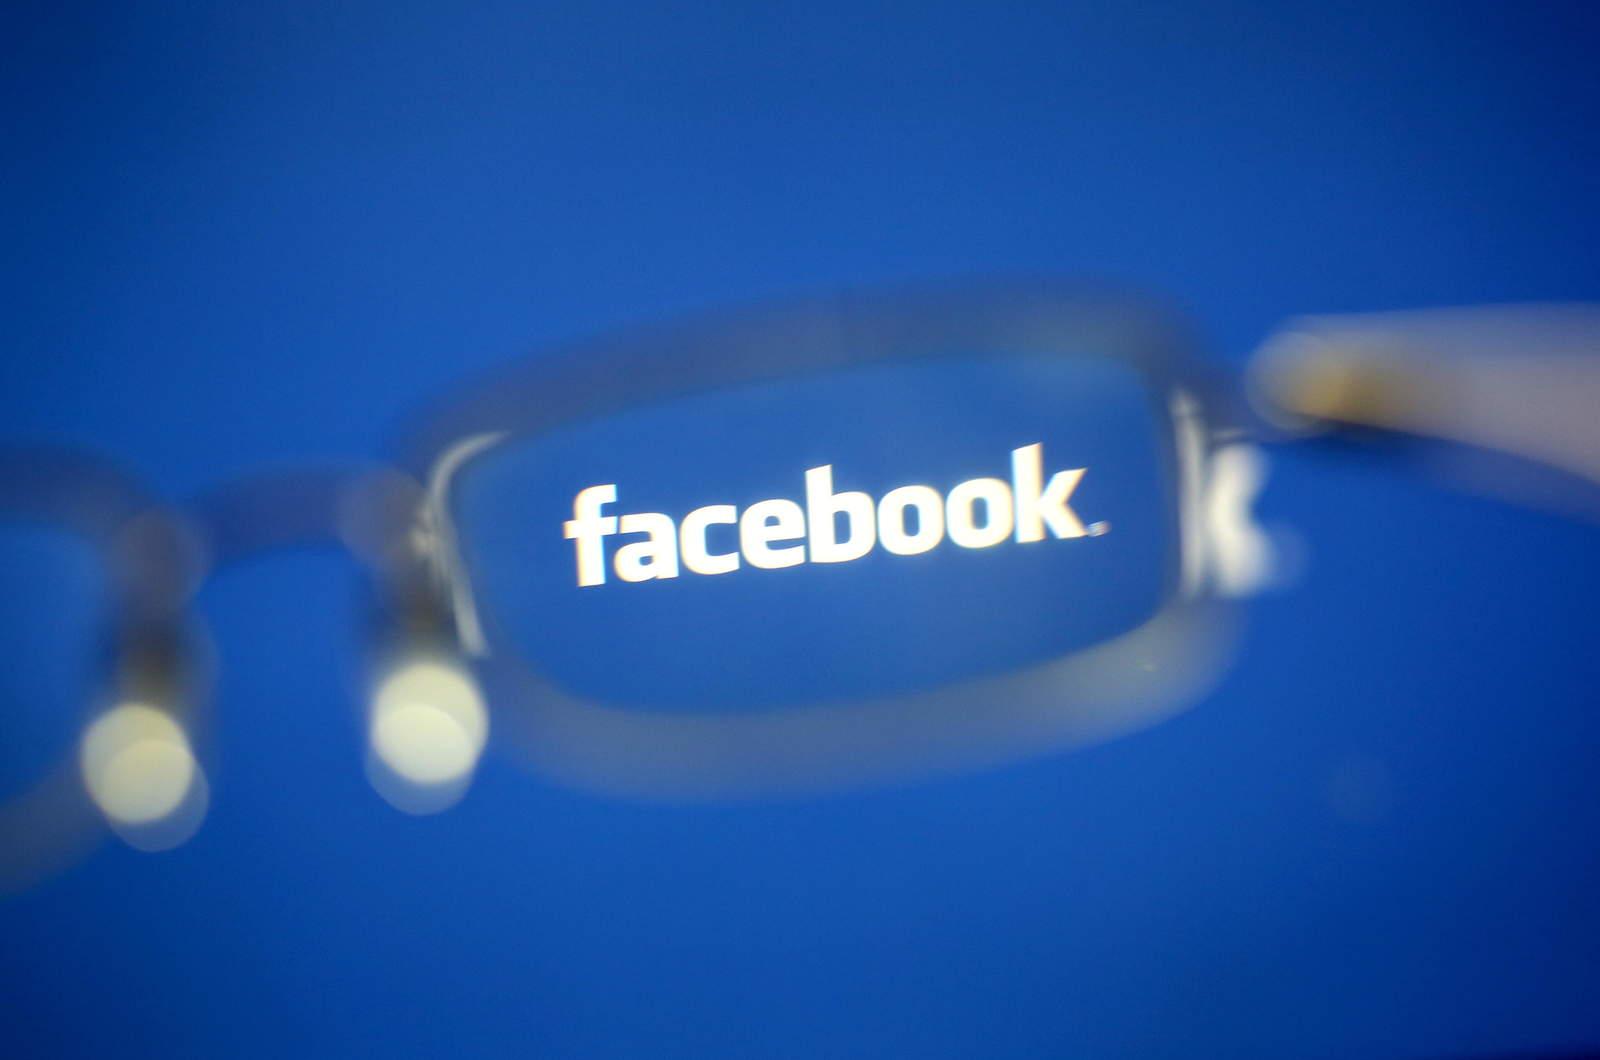 Reportan falla en Facebook a nivel mundial. Noticias en tiempo real